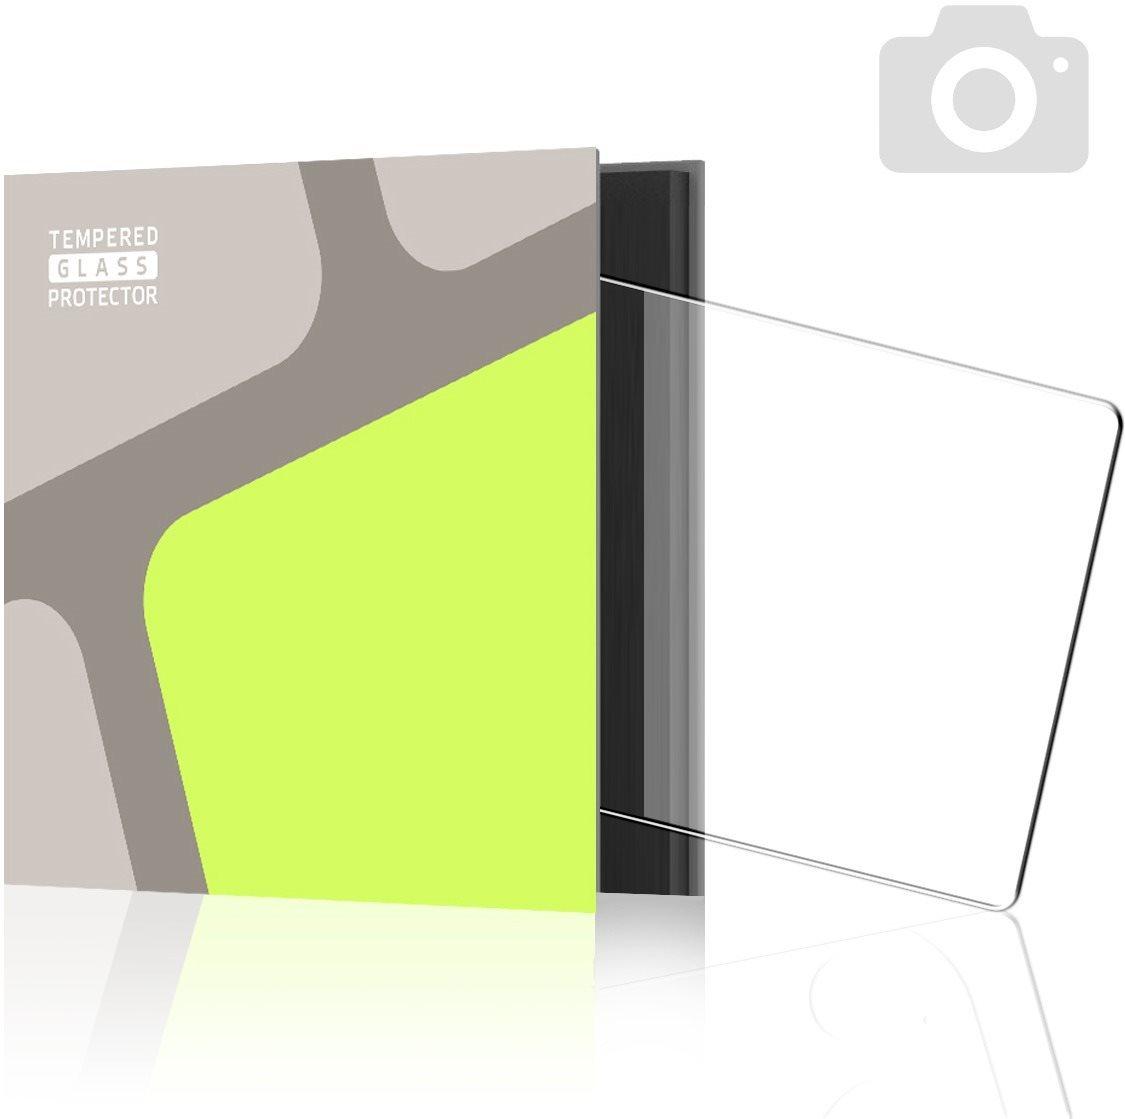 Tempered Glass Protector 0,3 mm - Sony Alpha 6000 / A6000 / 6400 / 6500 készülékekhez